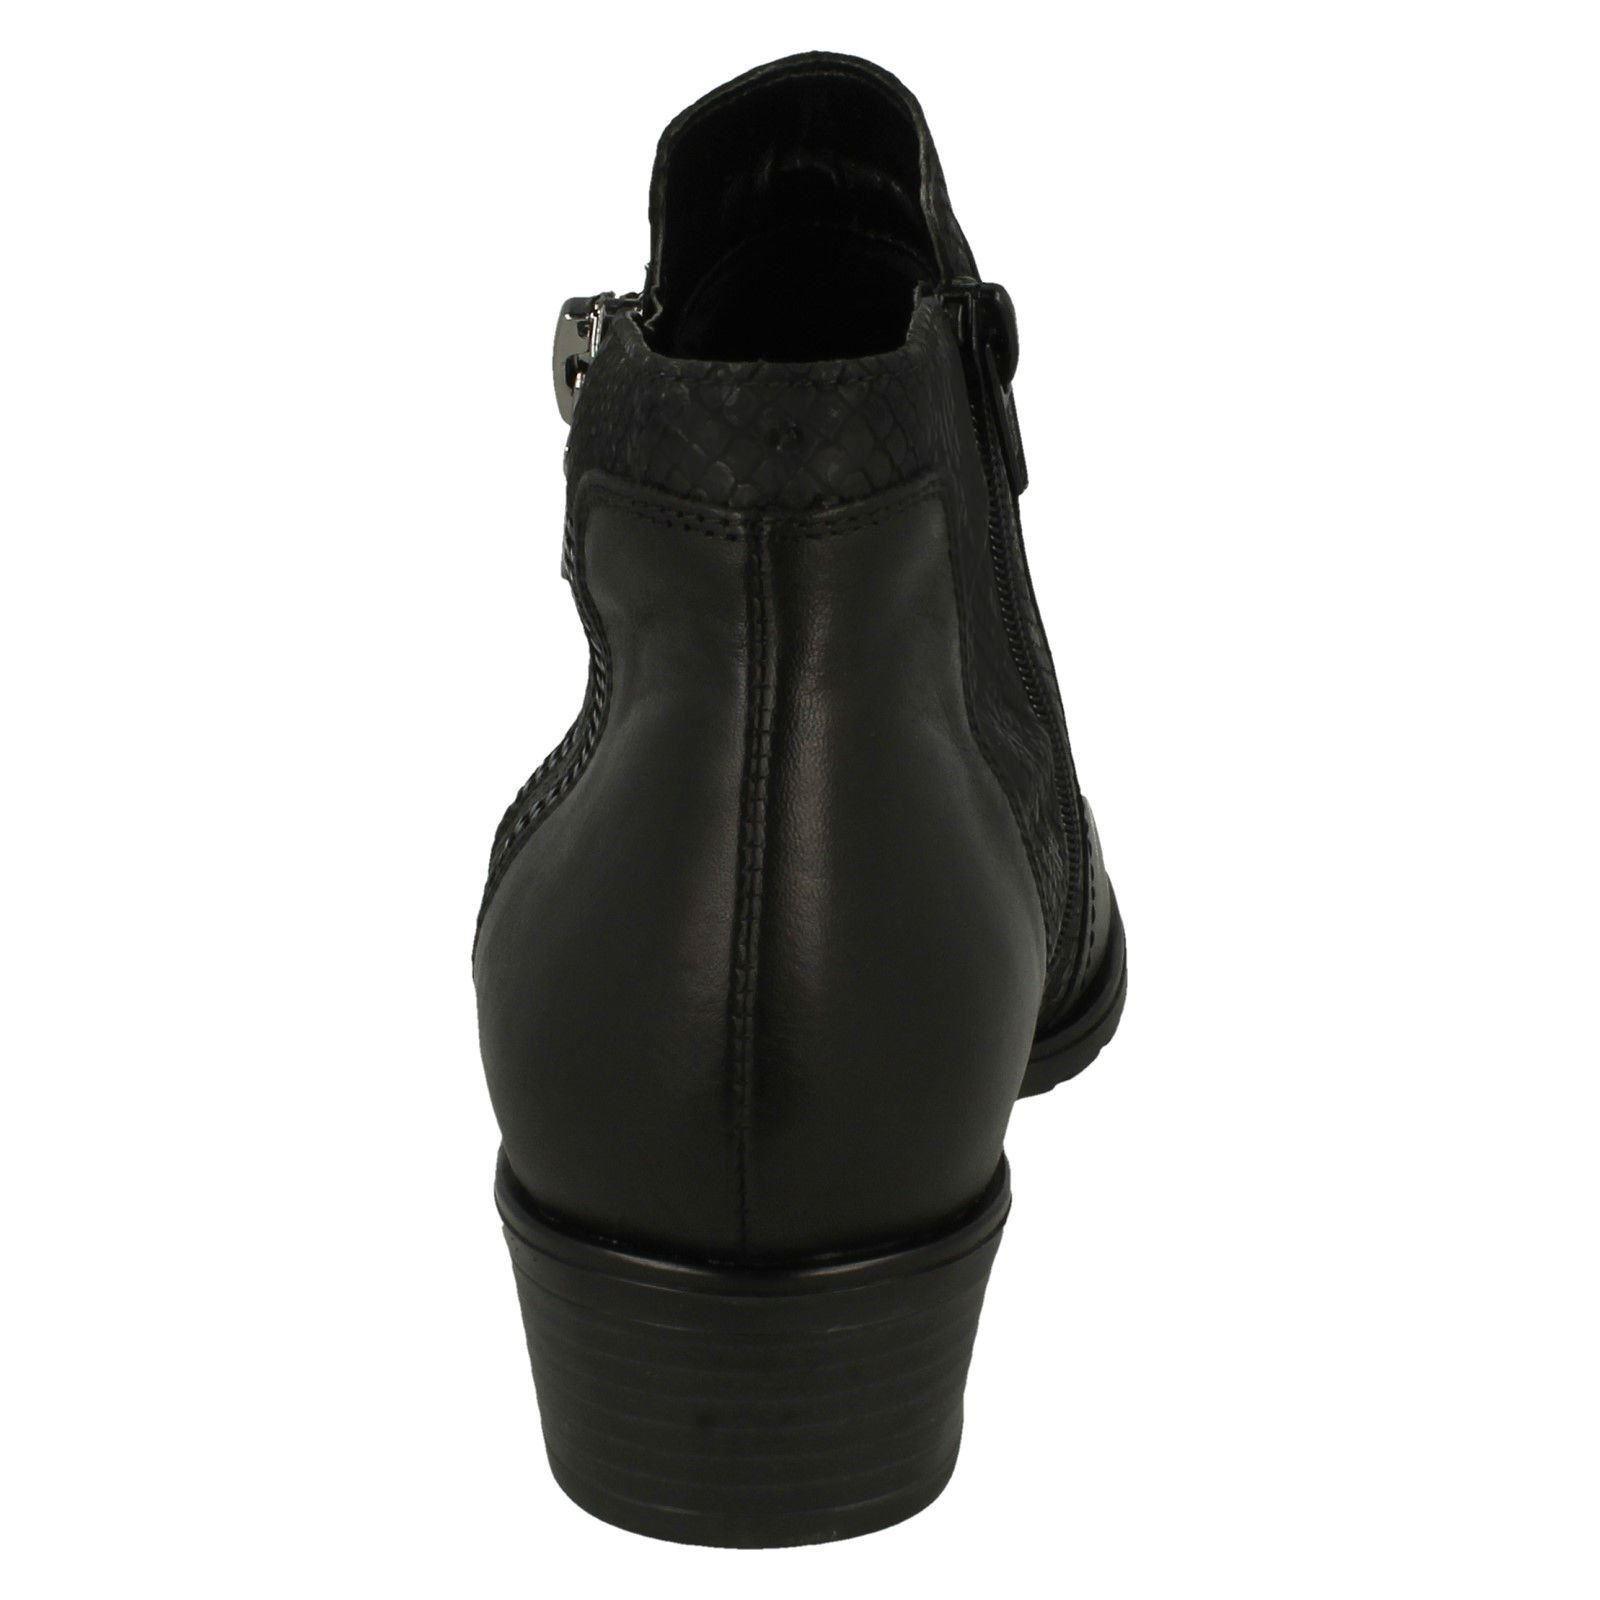 Mujer Mujer Mujer Remonte D6870 Cuero Negro Forro Cálido Botines con Cremallera f2780d